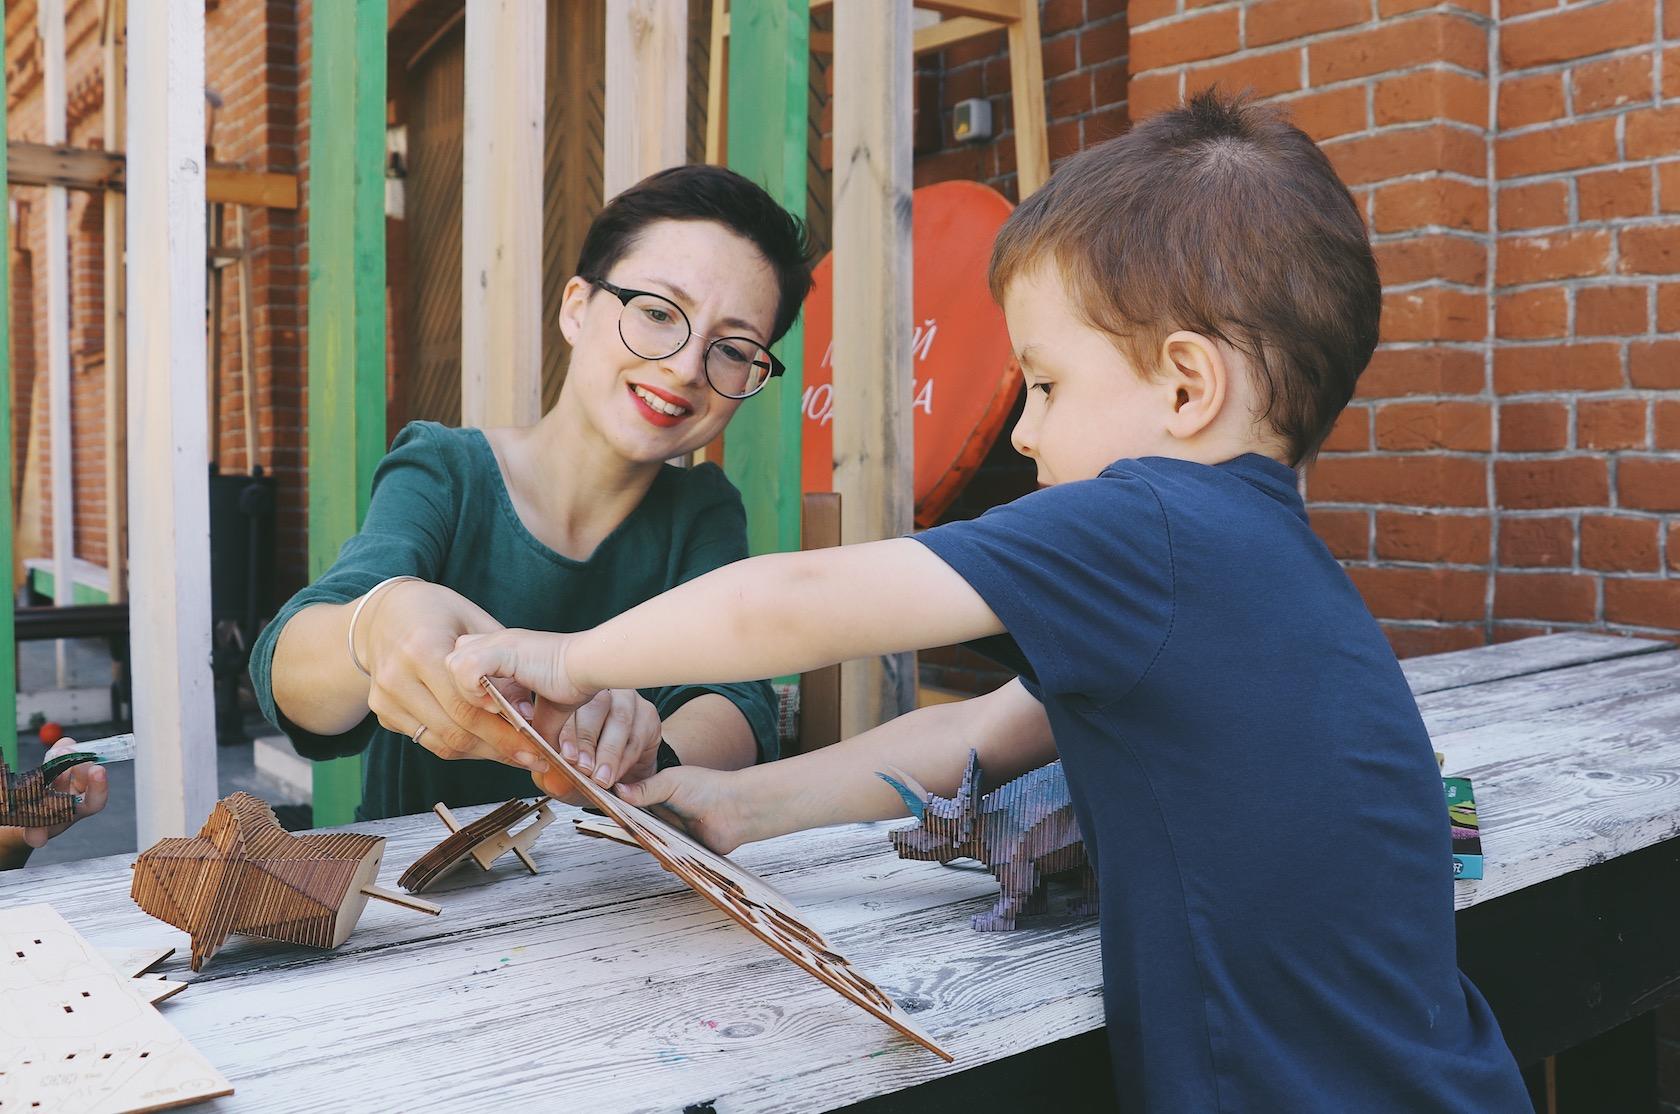 История от первого лица: Наш стартап по разработке и изготовлению детских конструкторов из фанеры - 1